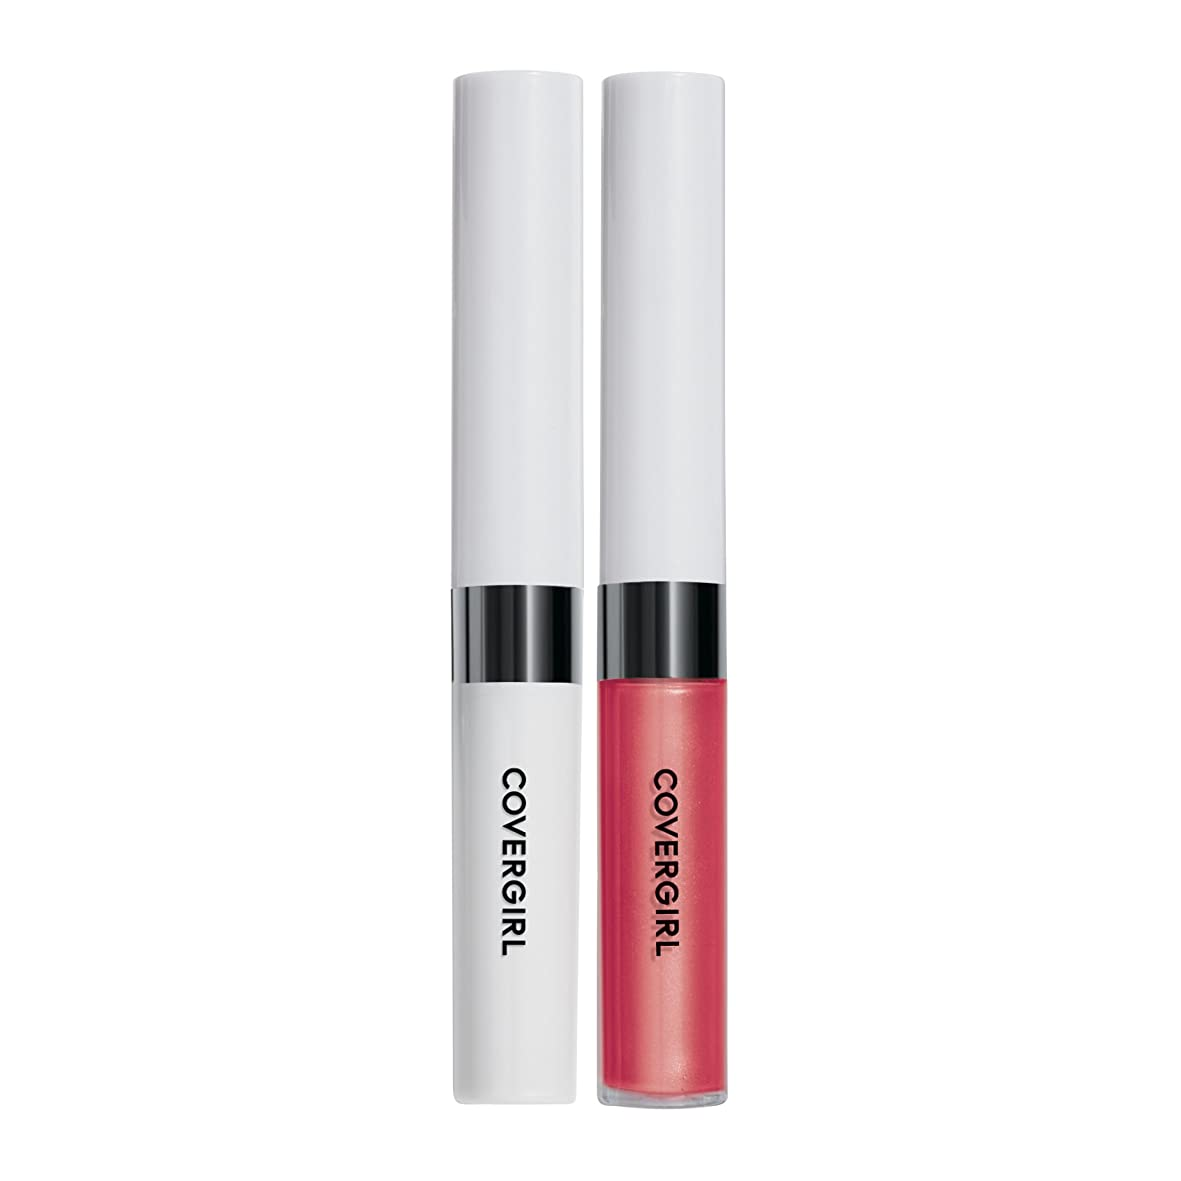 平らな増加する自分の力ですべてをするCOVERGIRL Outlast Lip Color, Beaming Berry 720 [並行輸入品]